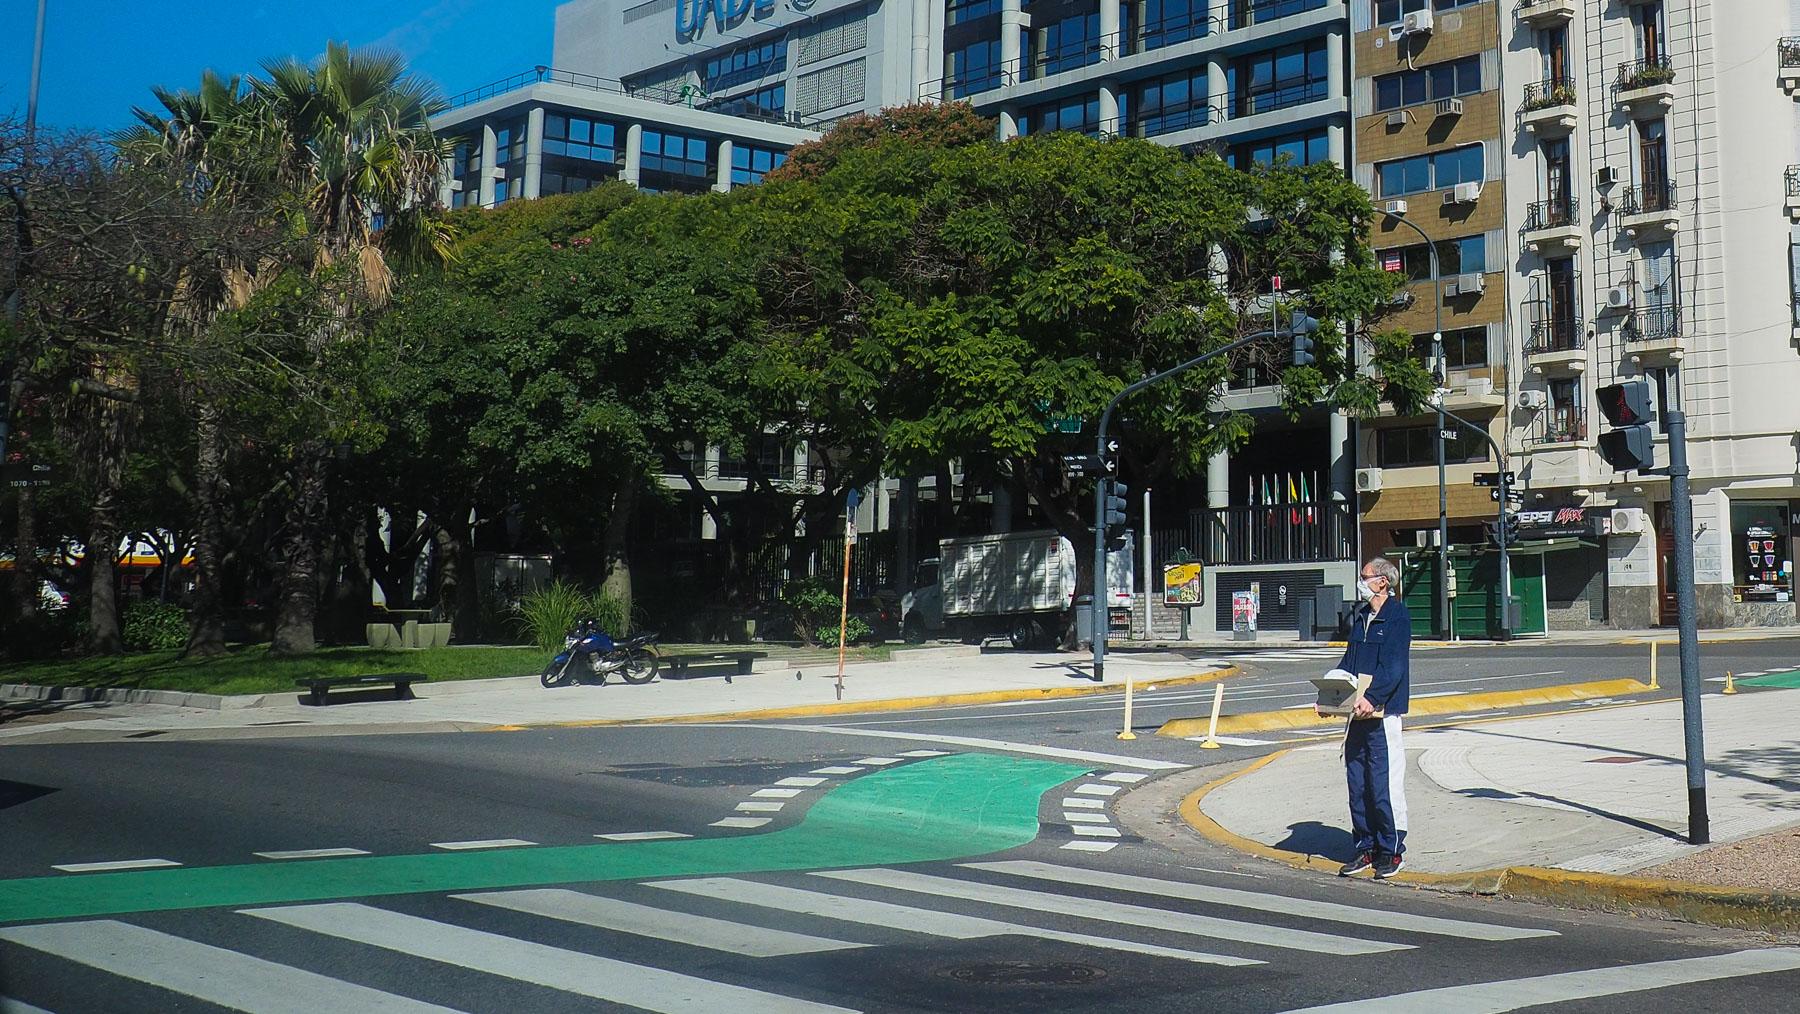 Es gibt durchaus noch Straßenverkehr, aber kaum Leute auf den Straßen